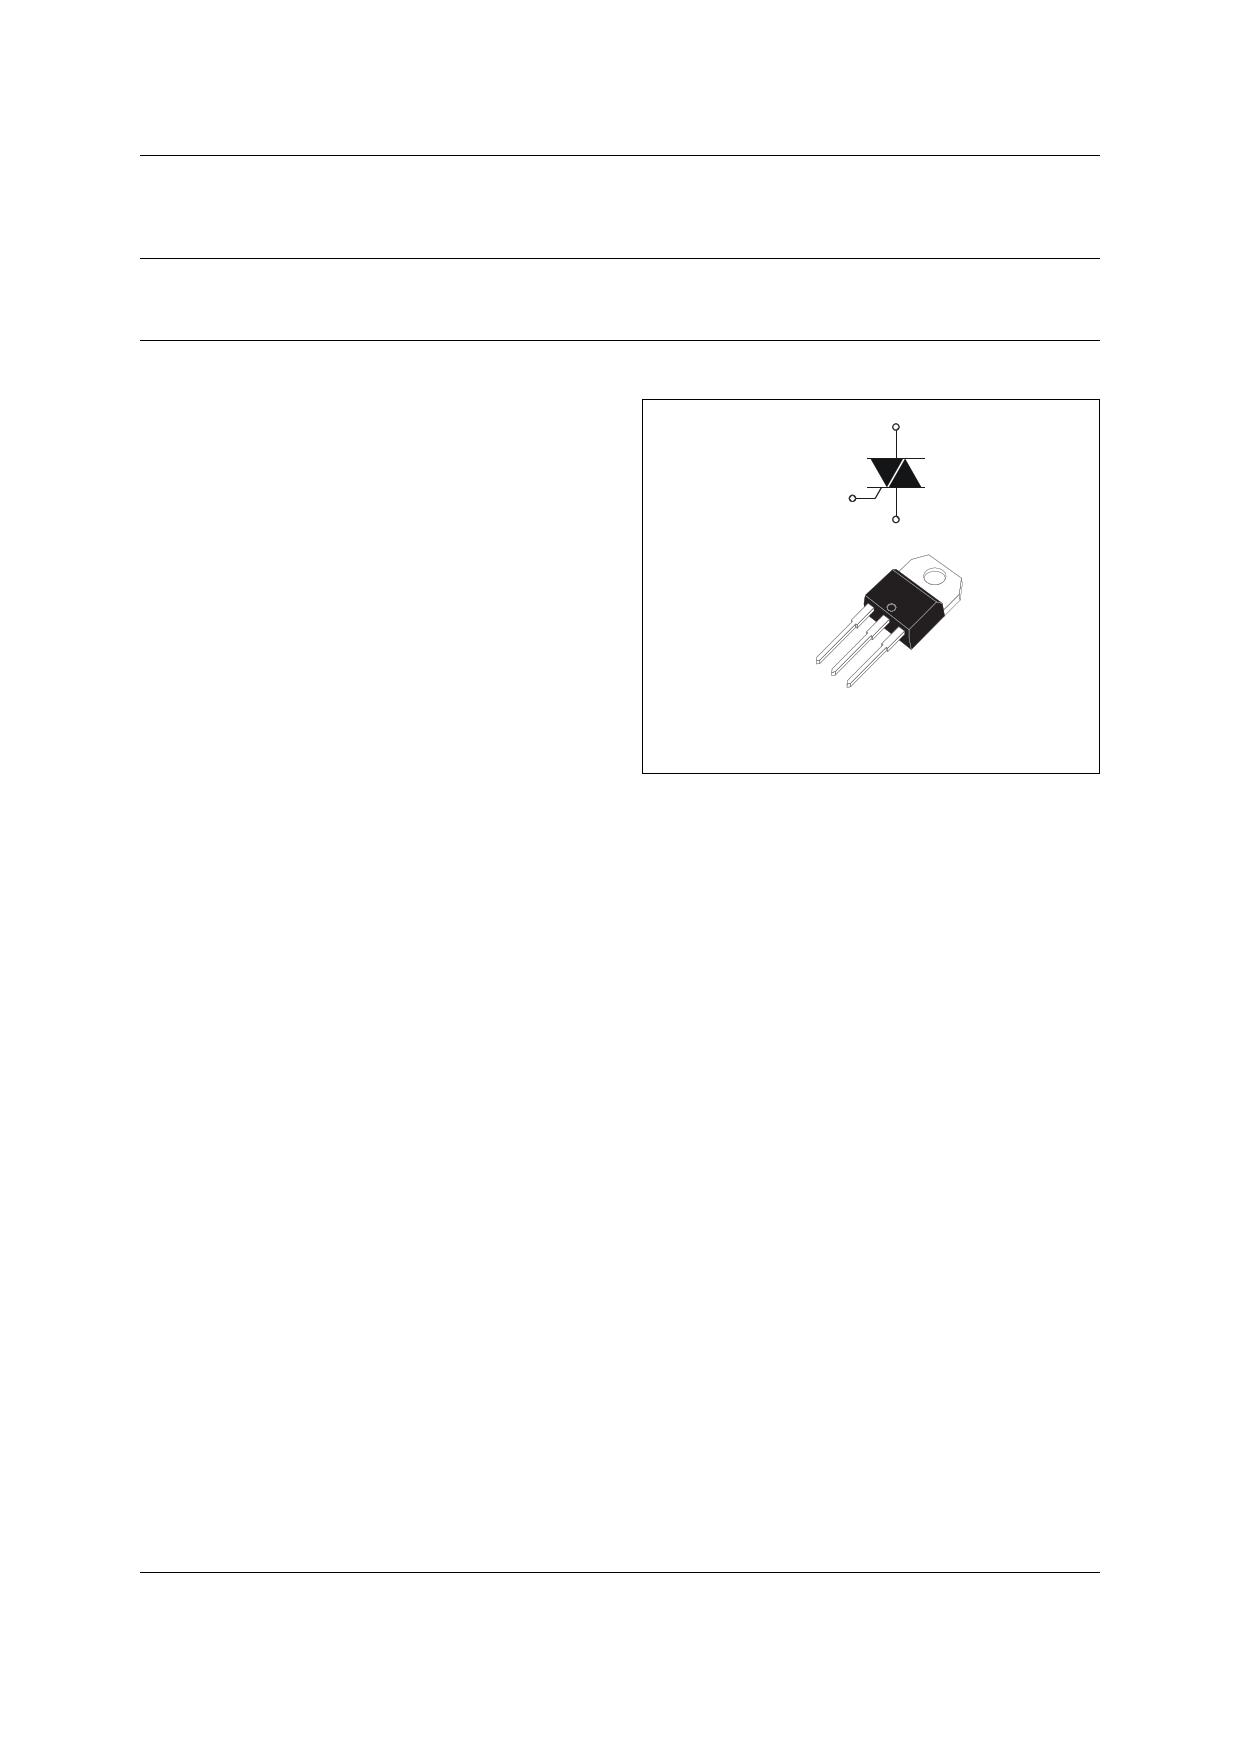 WTA20 Datenblatt PDF